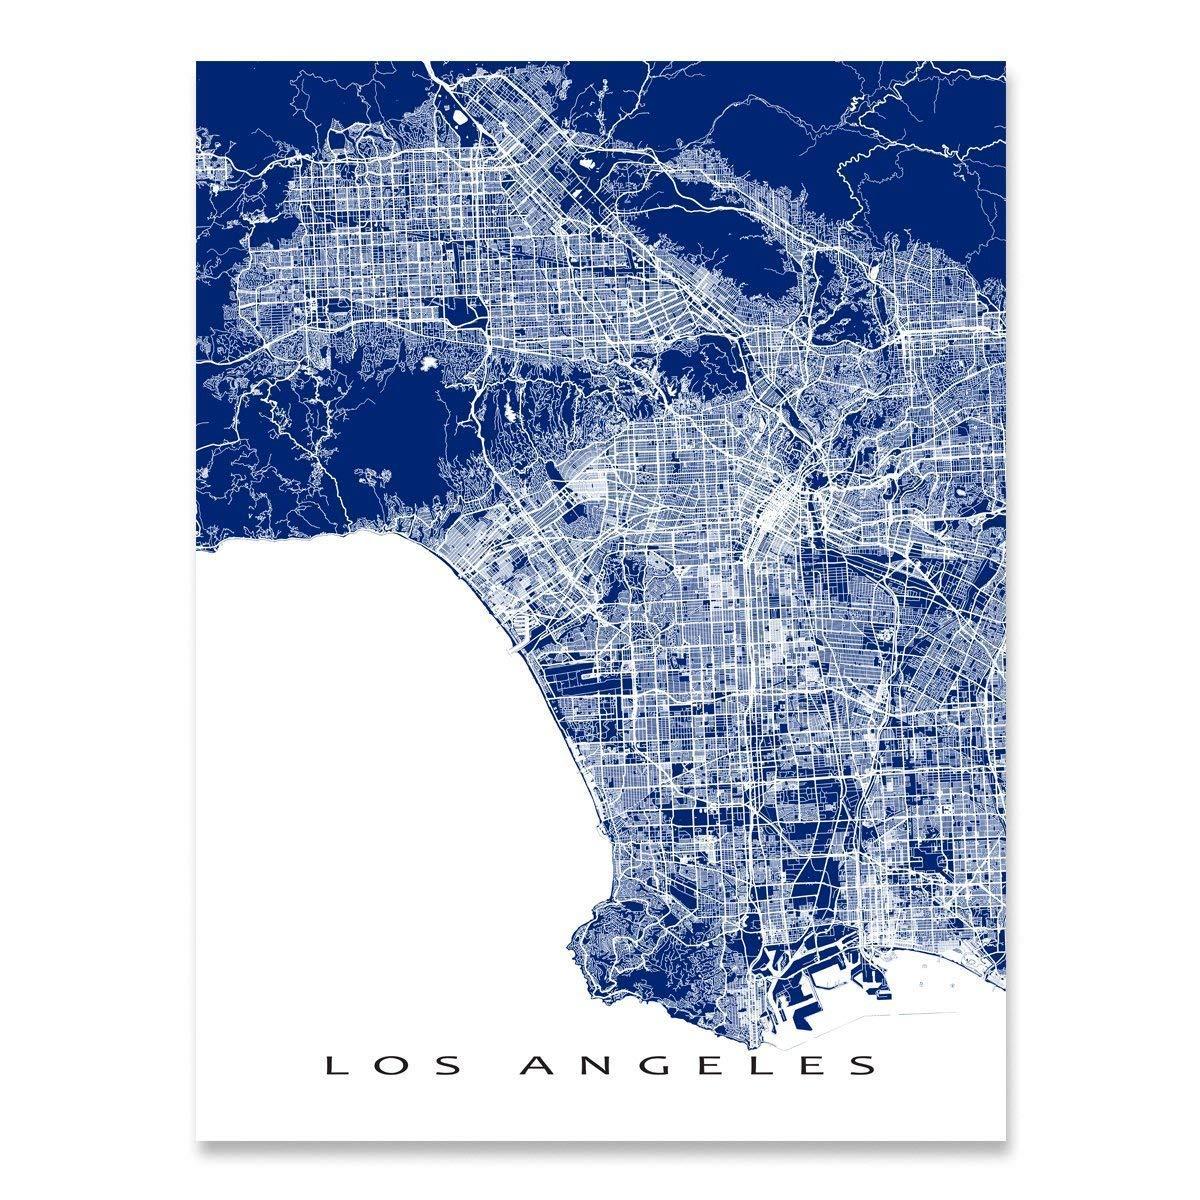 Amazon.com: Los Angeles Map Print, California, CA City Art ... on north beach california map, riverside california map, sacramento california map, south central los angeles map, mn california map, all of california cities map, california capital map, gulf coast texas-louisiana map, brea california map, california california map, st. helena california map, chicago illinois map, alcatraz island california map, allendale california map, mc california map, los angeles and surrounding areas map, california los angeles metro map, no california map, los angeles neighborhoods map, nyc california map,